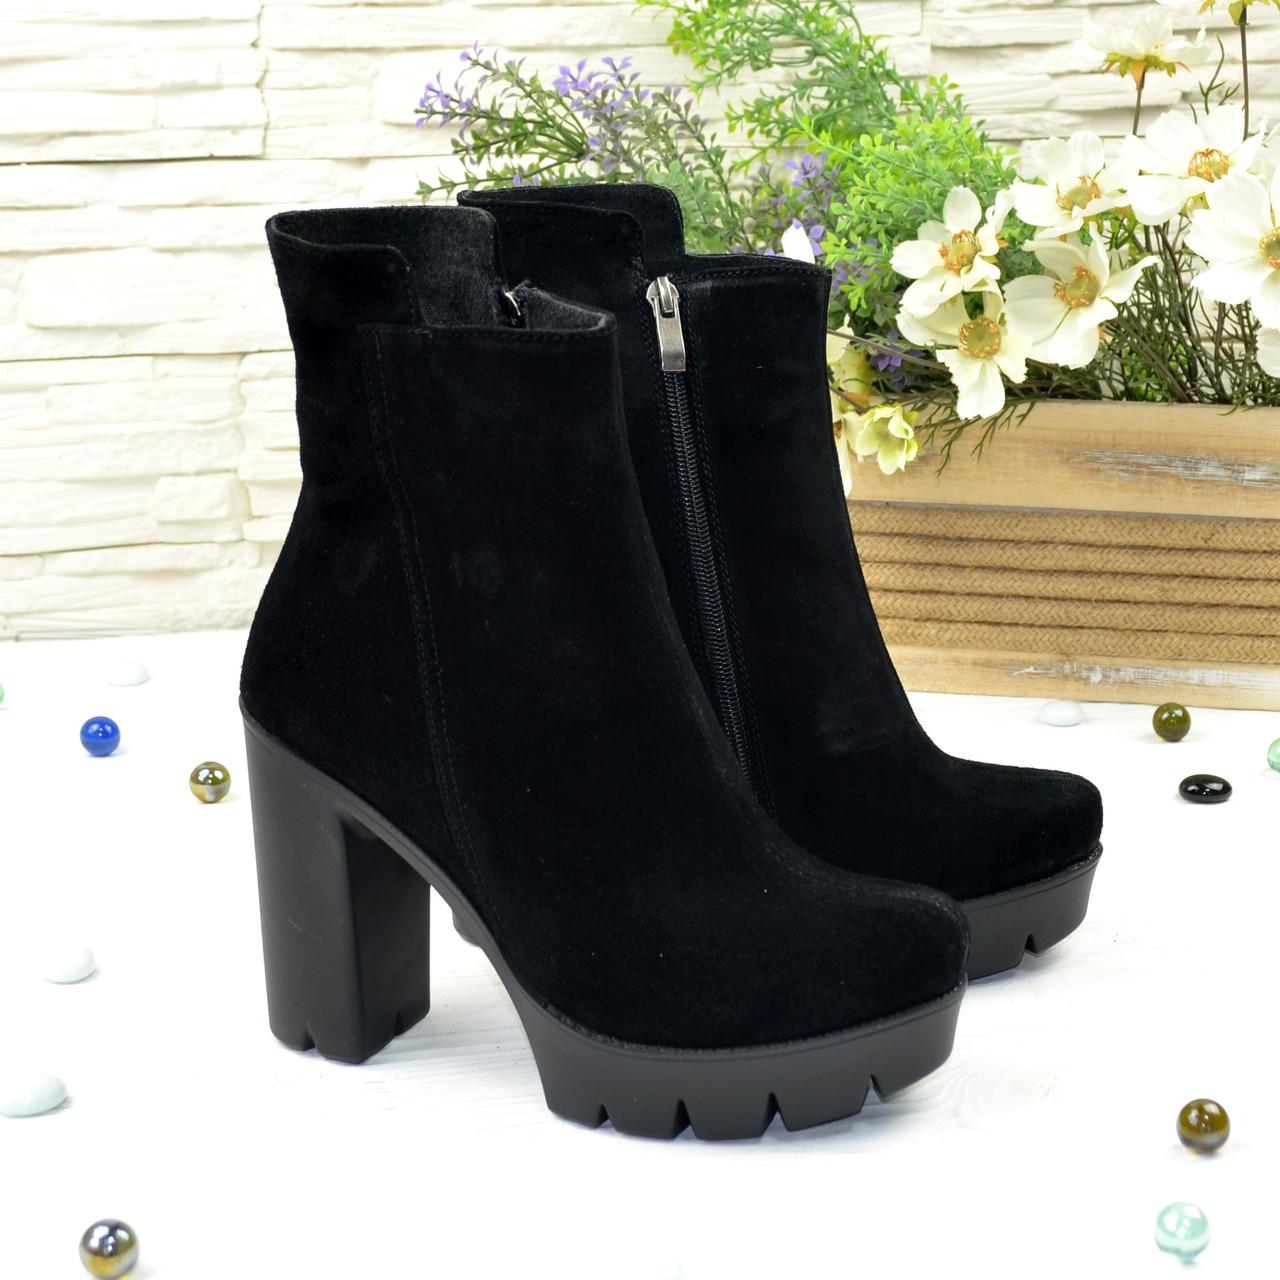 Ботинки женские зимние замшевые на тракторной подошве, цвет черный.